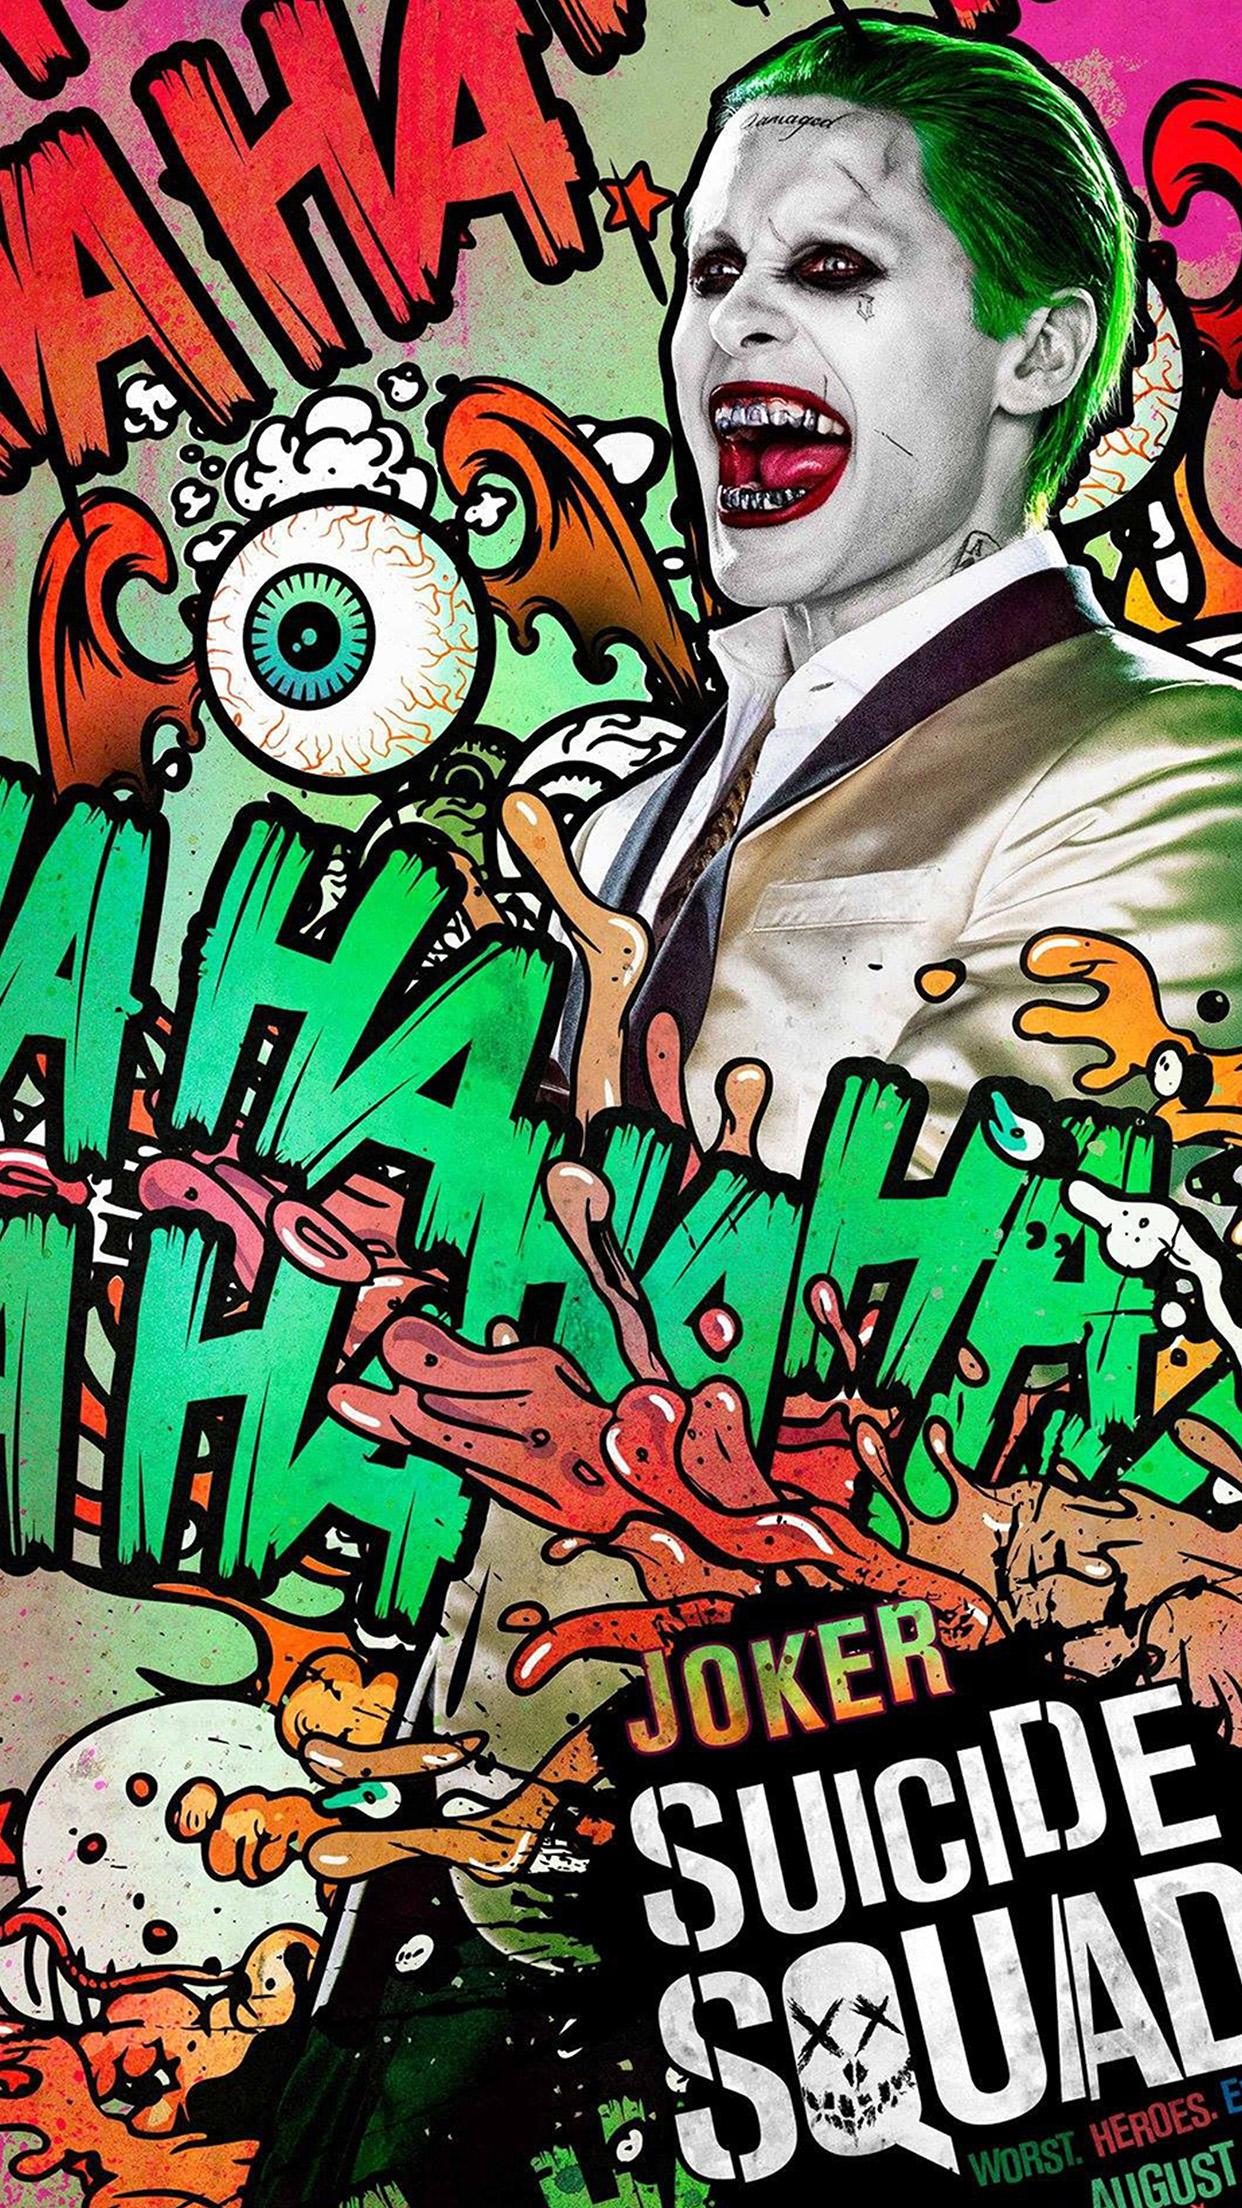 iphone wallpaper as42 suicide squad film poster art illustration joker. Black Bedroom Furniture Sets. Home Design Ideas